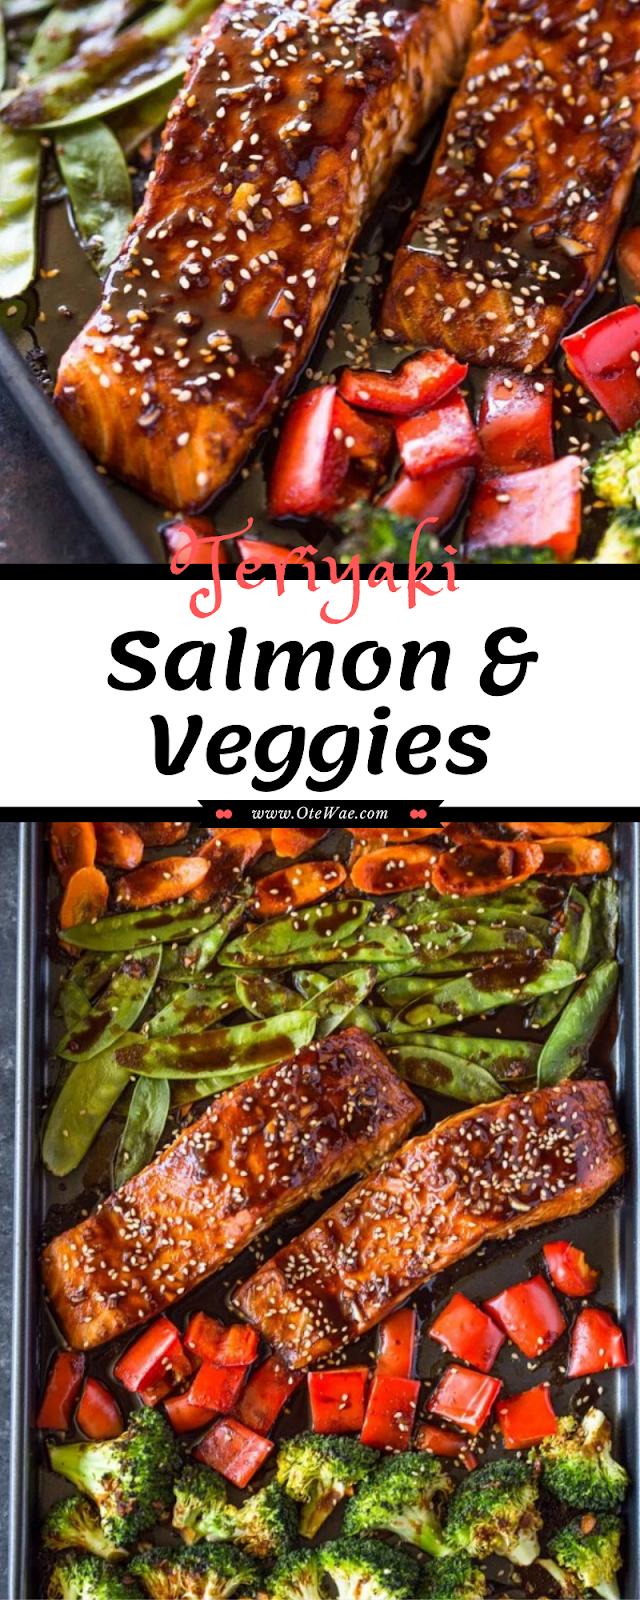 Teriyaki Salmon & Veggies